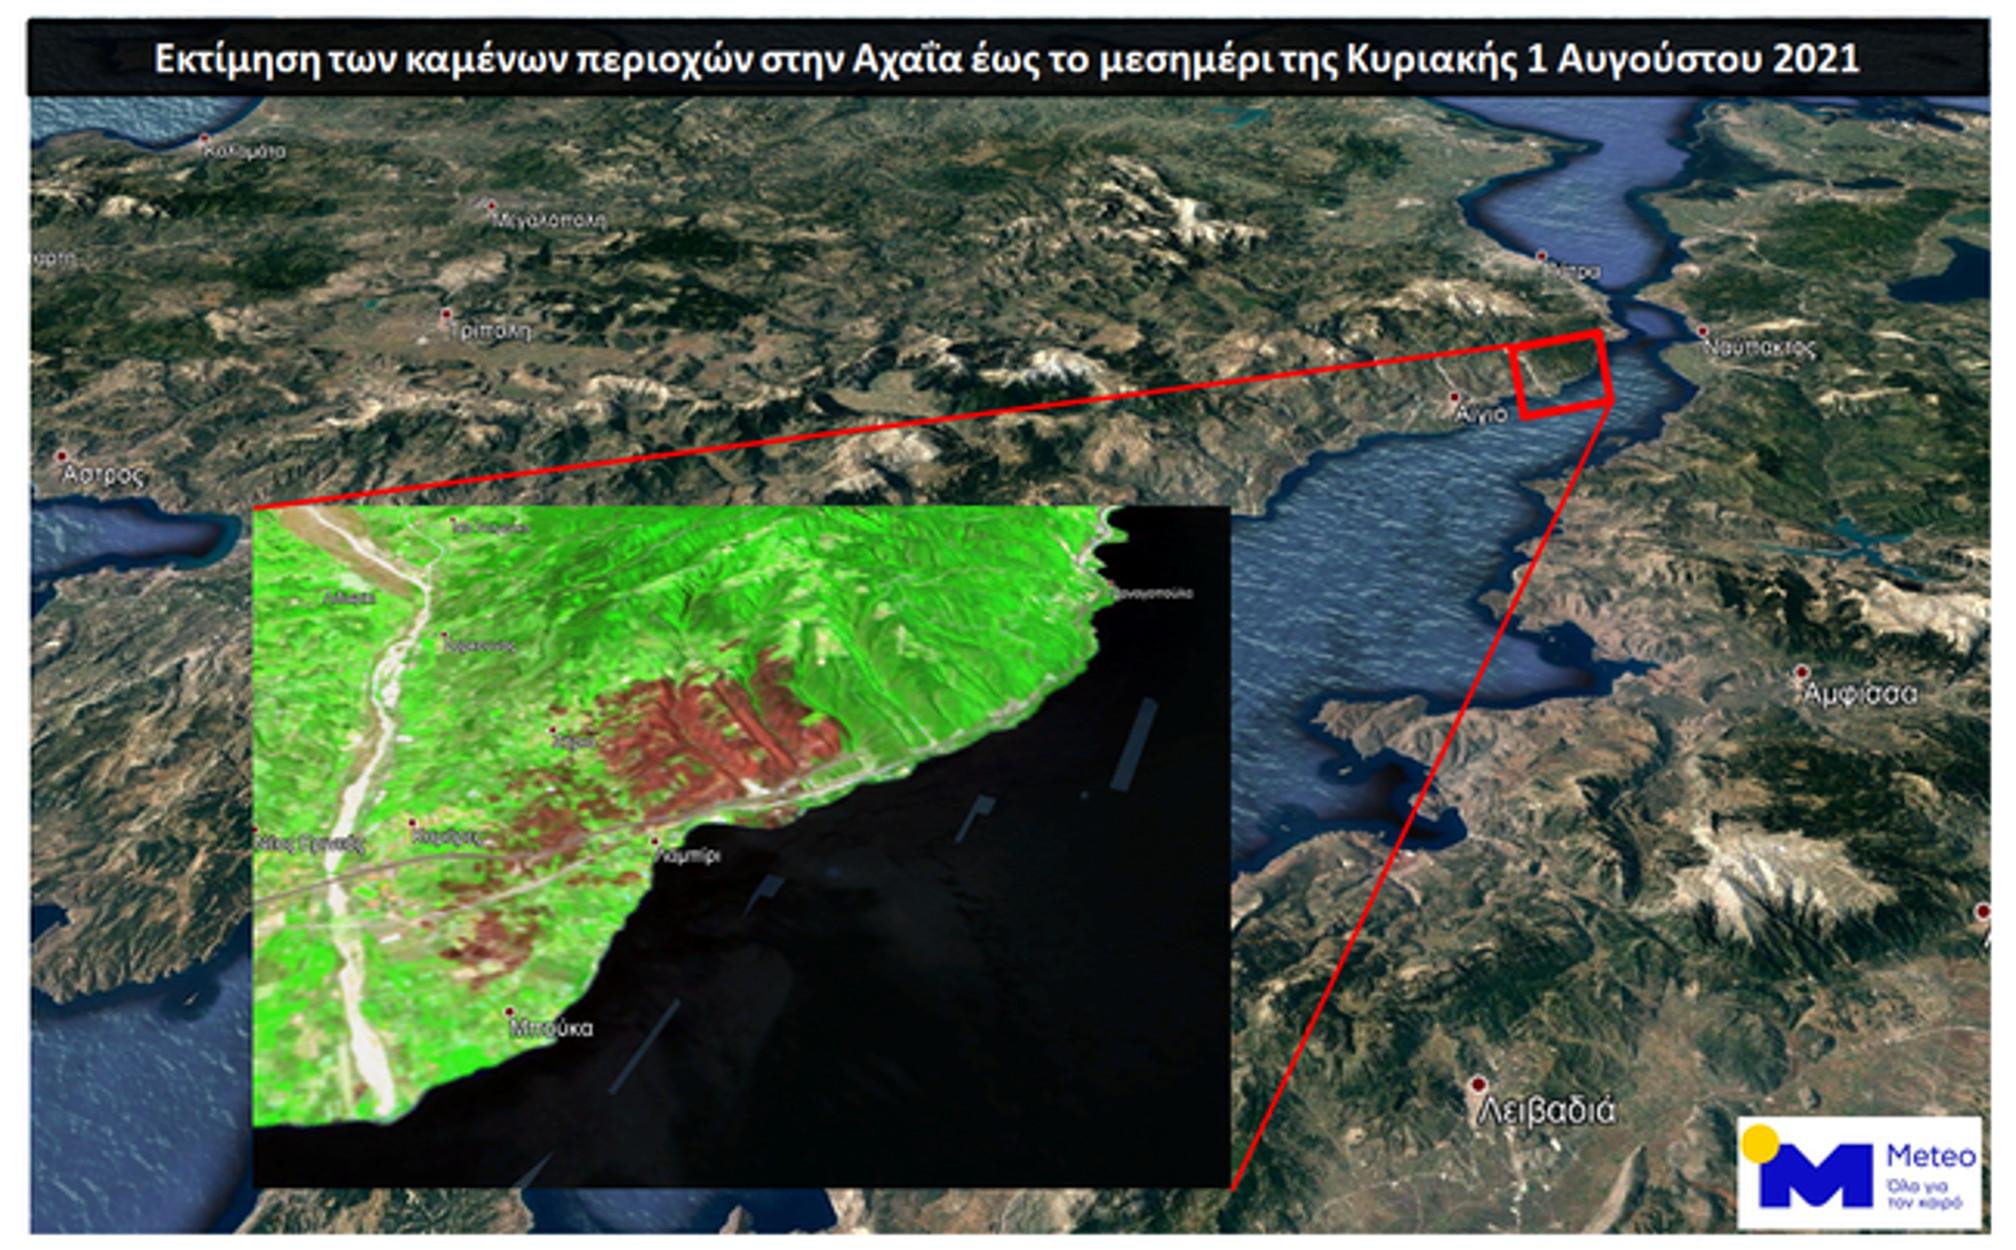 Αχαΐα: Στάχτη πάνω από 3.000 στρέμματα από την καταστροφική φωτιά